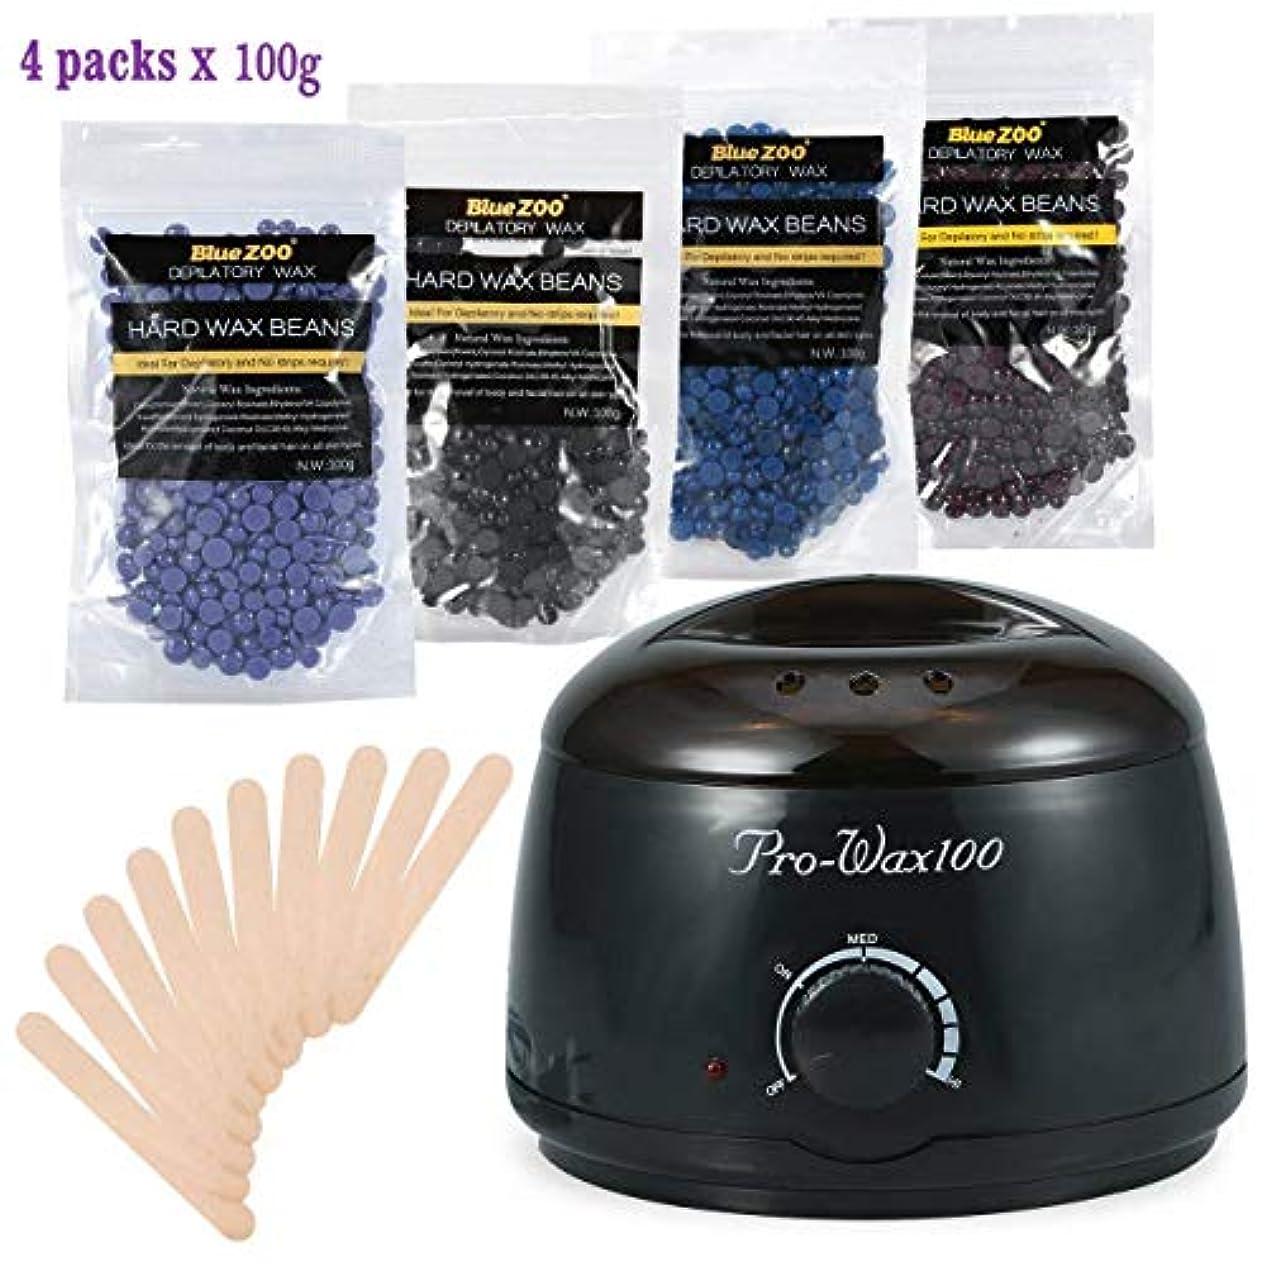 不正ピンポイント盗賊ボディービキニ脱毛?ワックスセット、500ml電気ワックスヒーター(ブラック)4種類のハードワックス豆と木製シャベル10種類、ワックス豆100g (1)